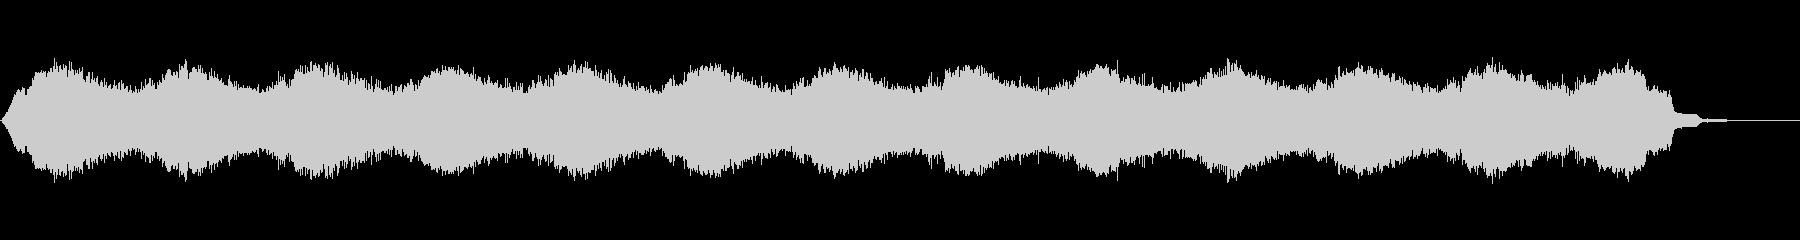 サンプルアンドホールド(ランダム)音の未再生の波形